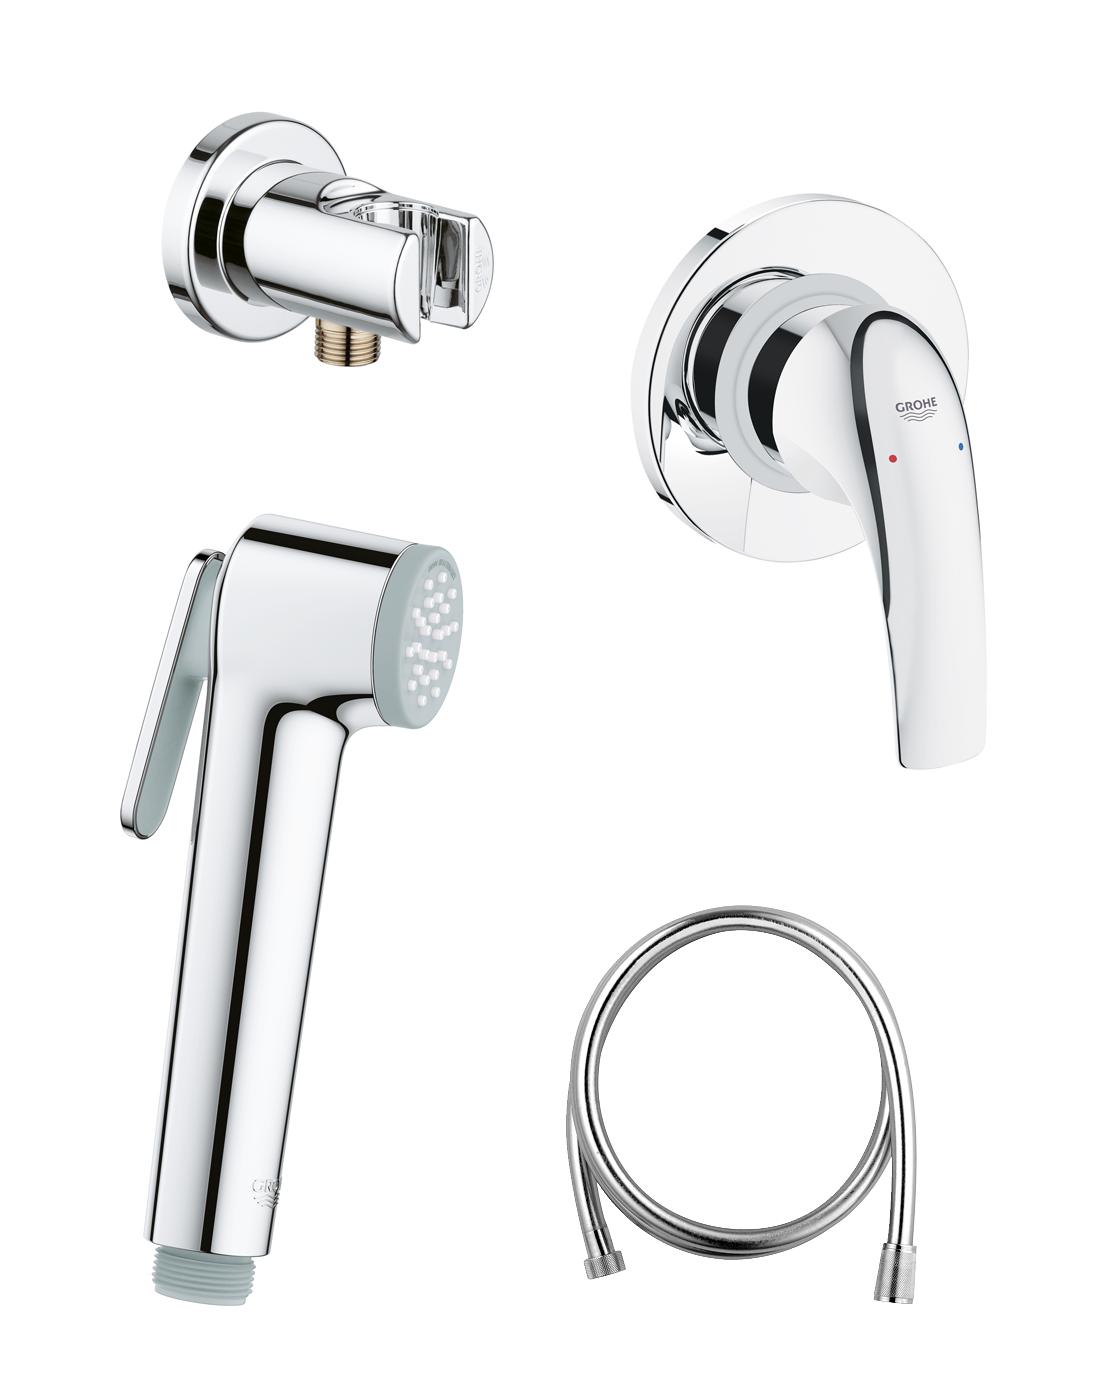 Готовый комплект для гигиенического душа GROHE BauCurve: встраиваемый смеситель, гигиенический душ со шлангом и держателем GROHE, хром (124899)